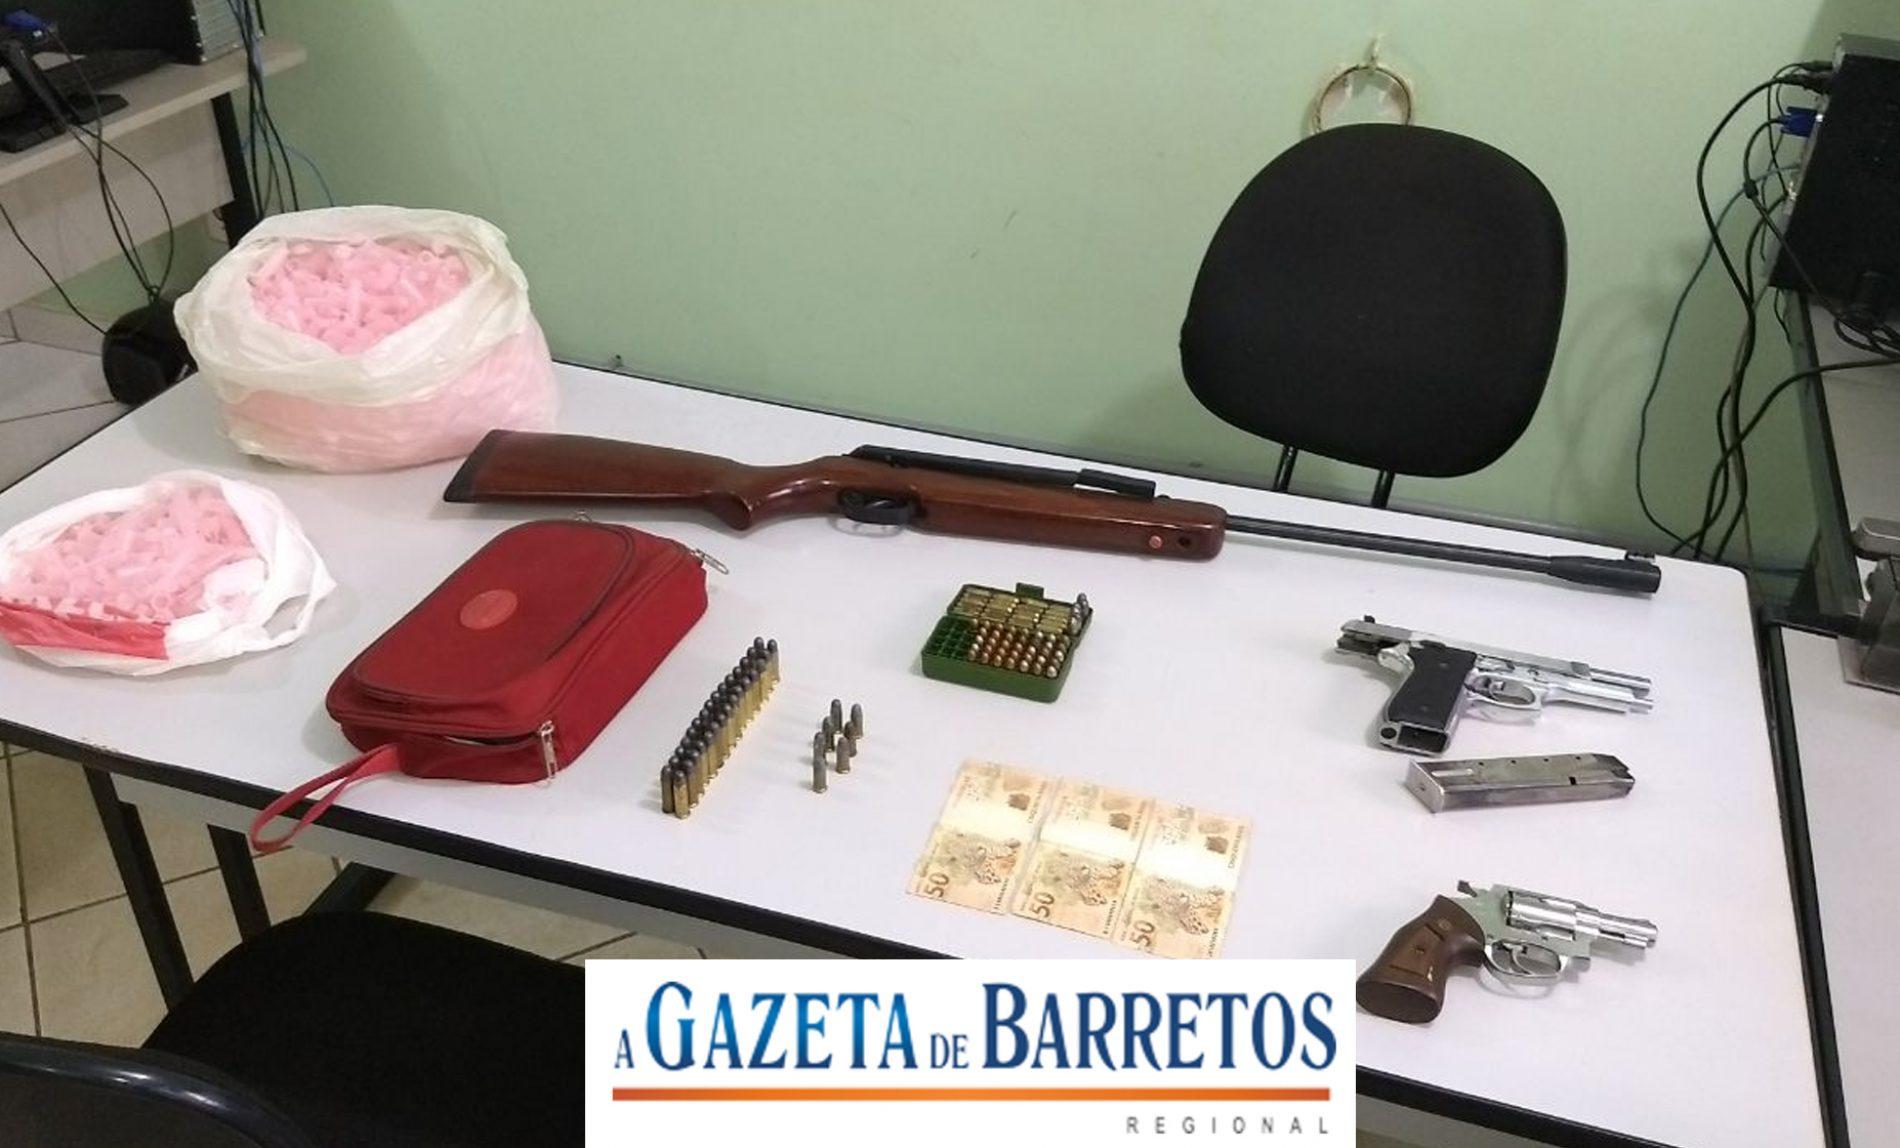 Barretenses são presos em flagrante tentando furtar agência bancária na cidade de Pitangueiras